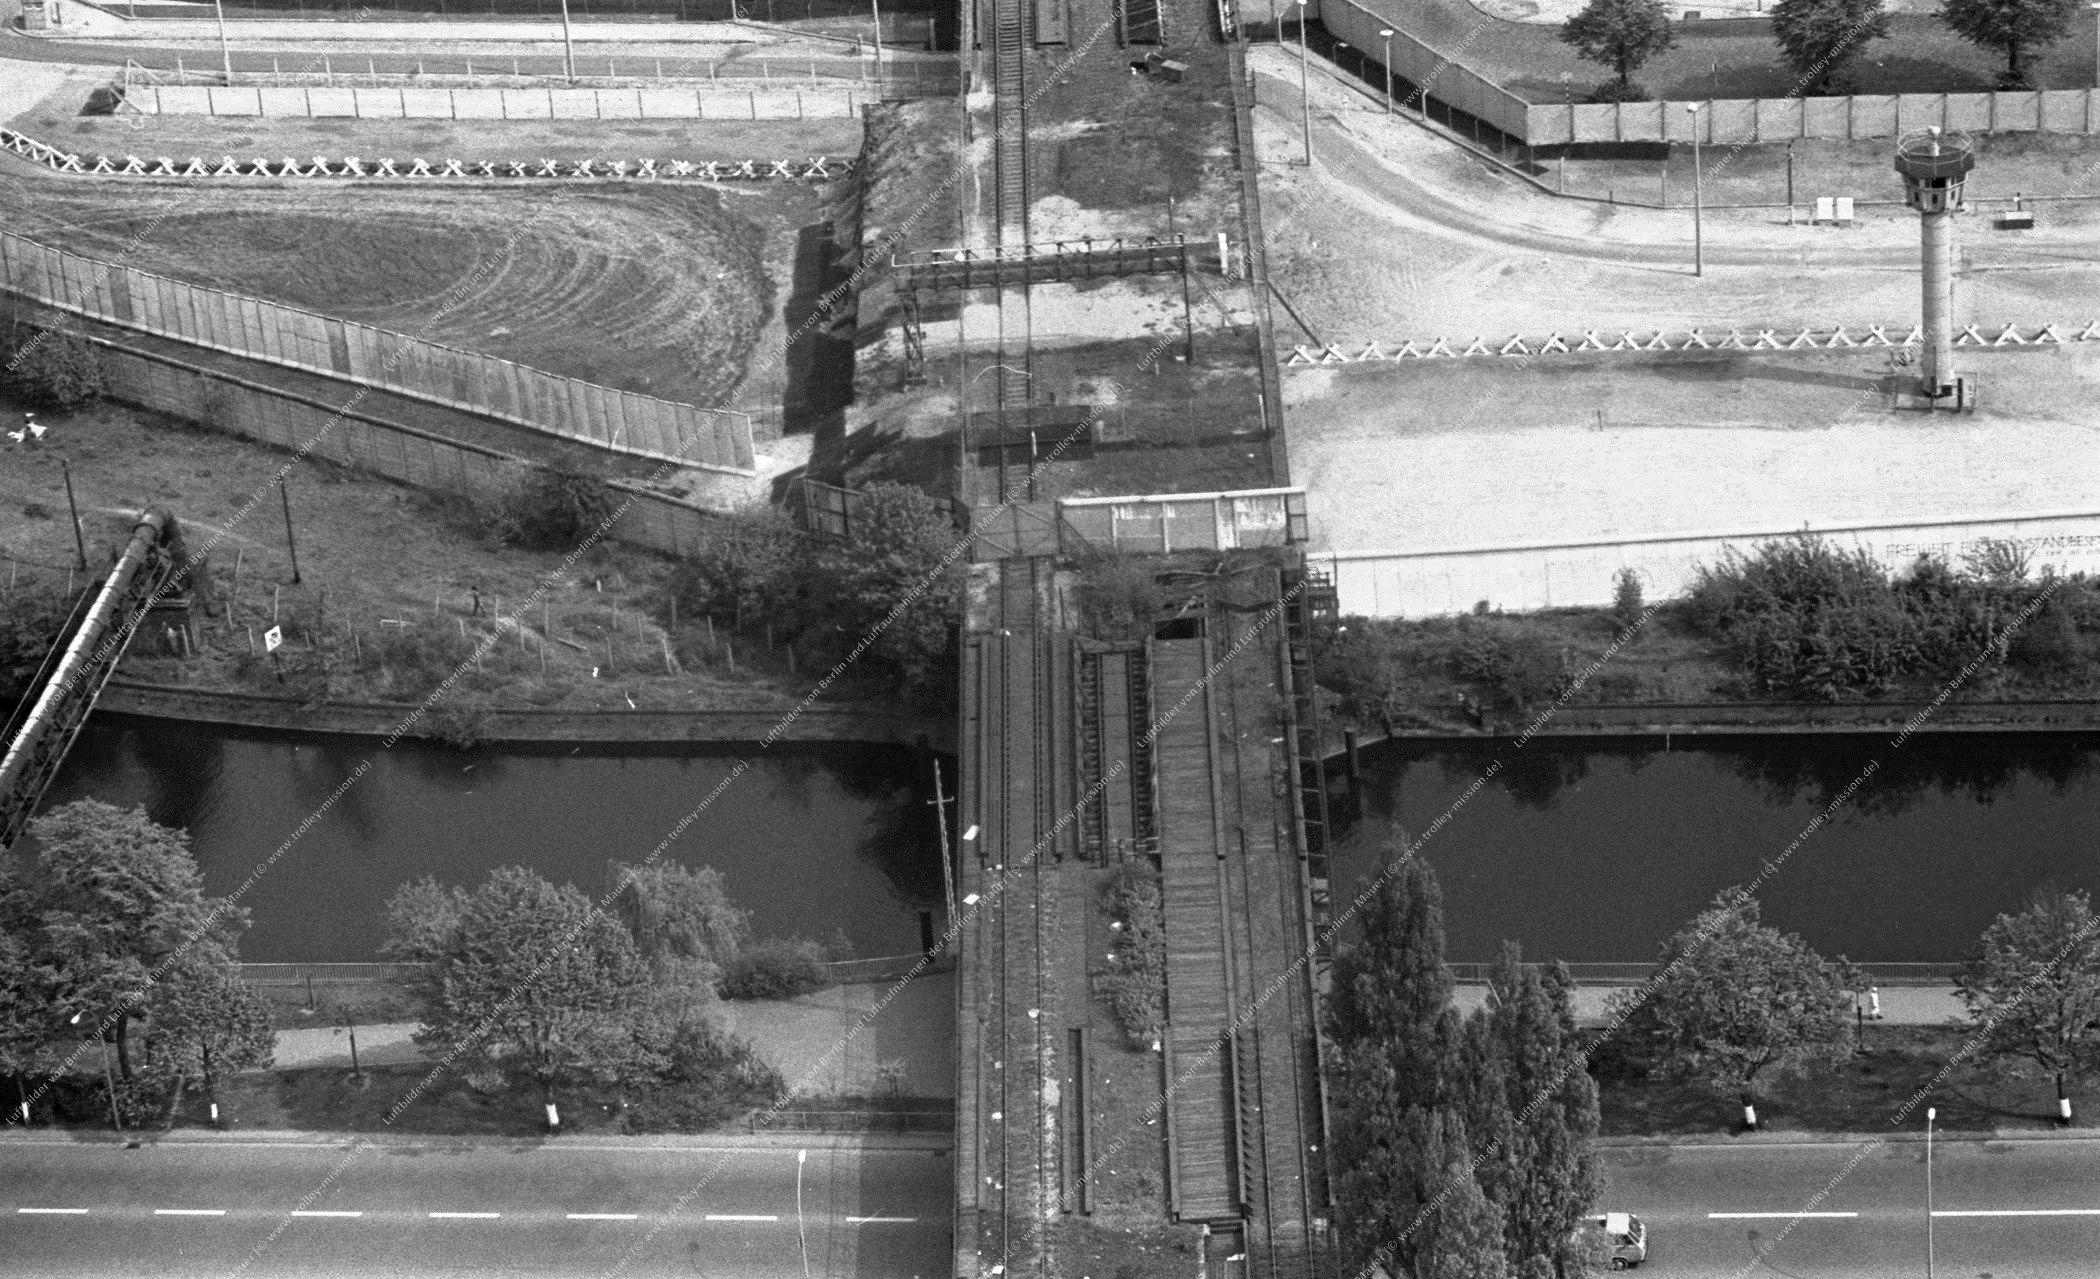 Luftbild der alten Eisenbahnbrücke (Görlitzer Brücke) über den Landwehrkanal zwischen dem Görlitzer Ufer in Berlin-Kreuzberg und dem Wiesenufer in Berlin-Treptow vom 12. Mai 1982 (Bild 059)